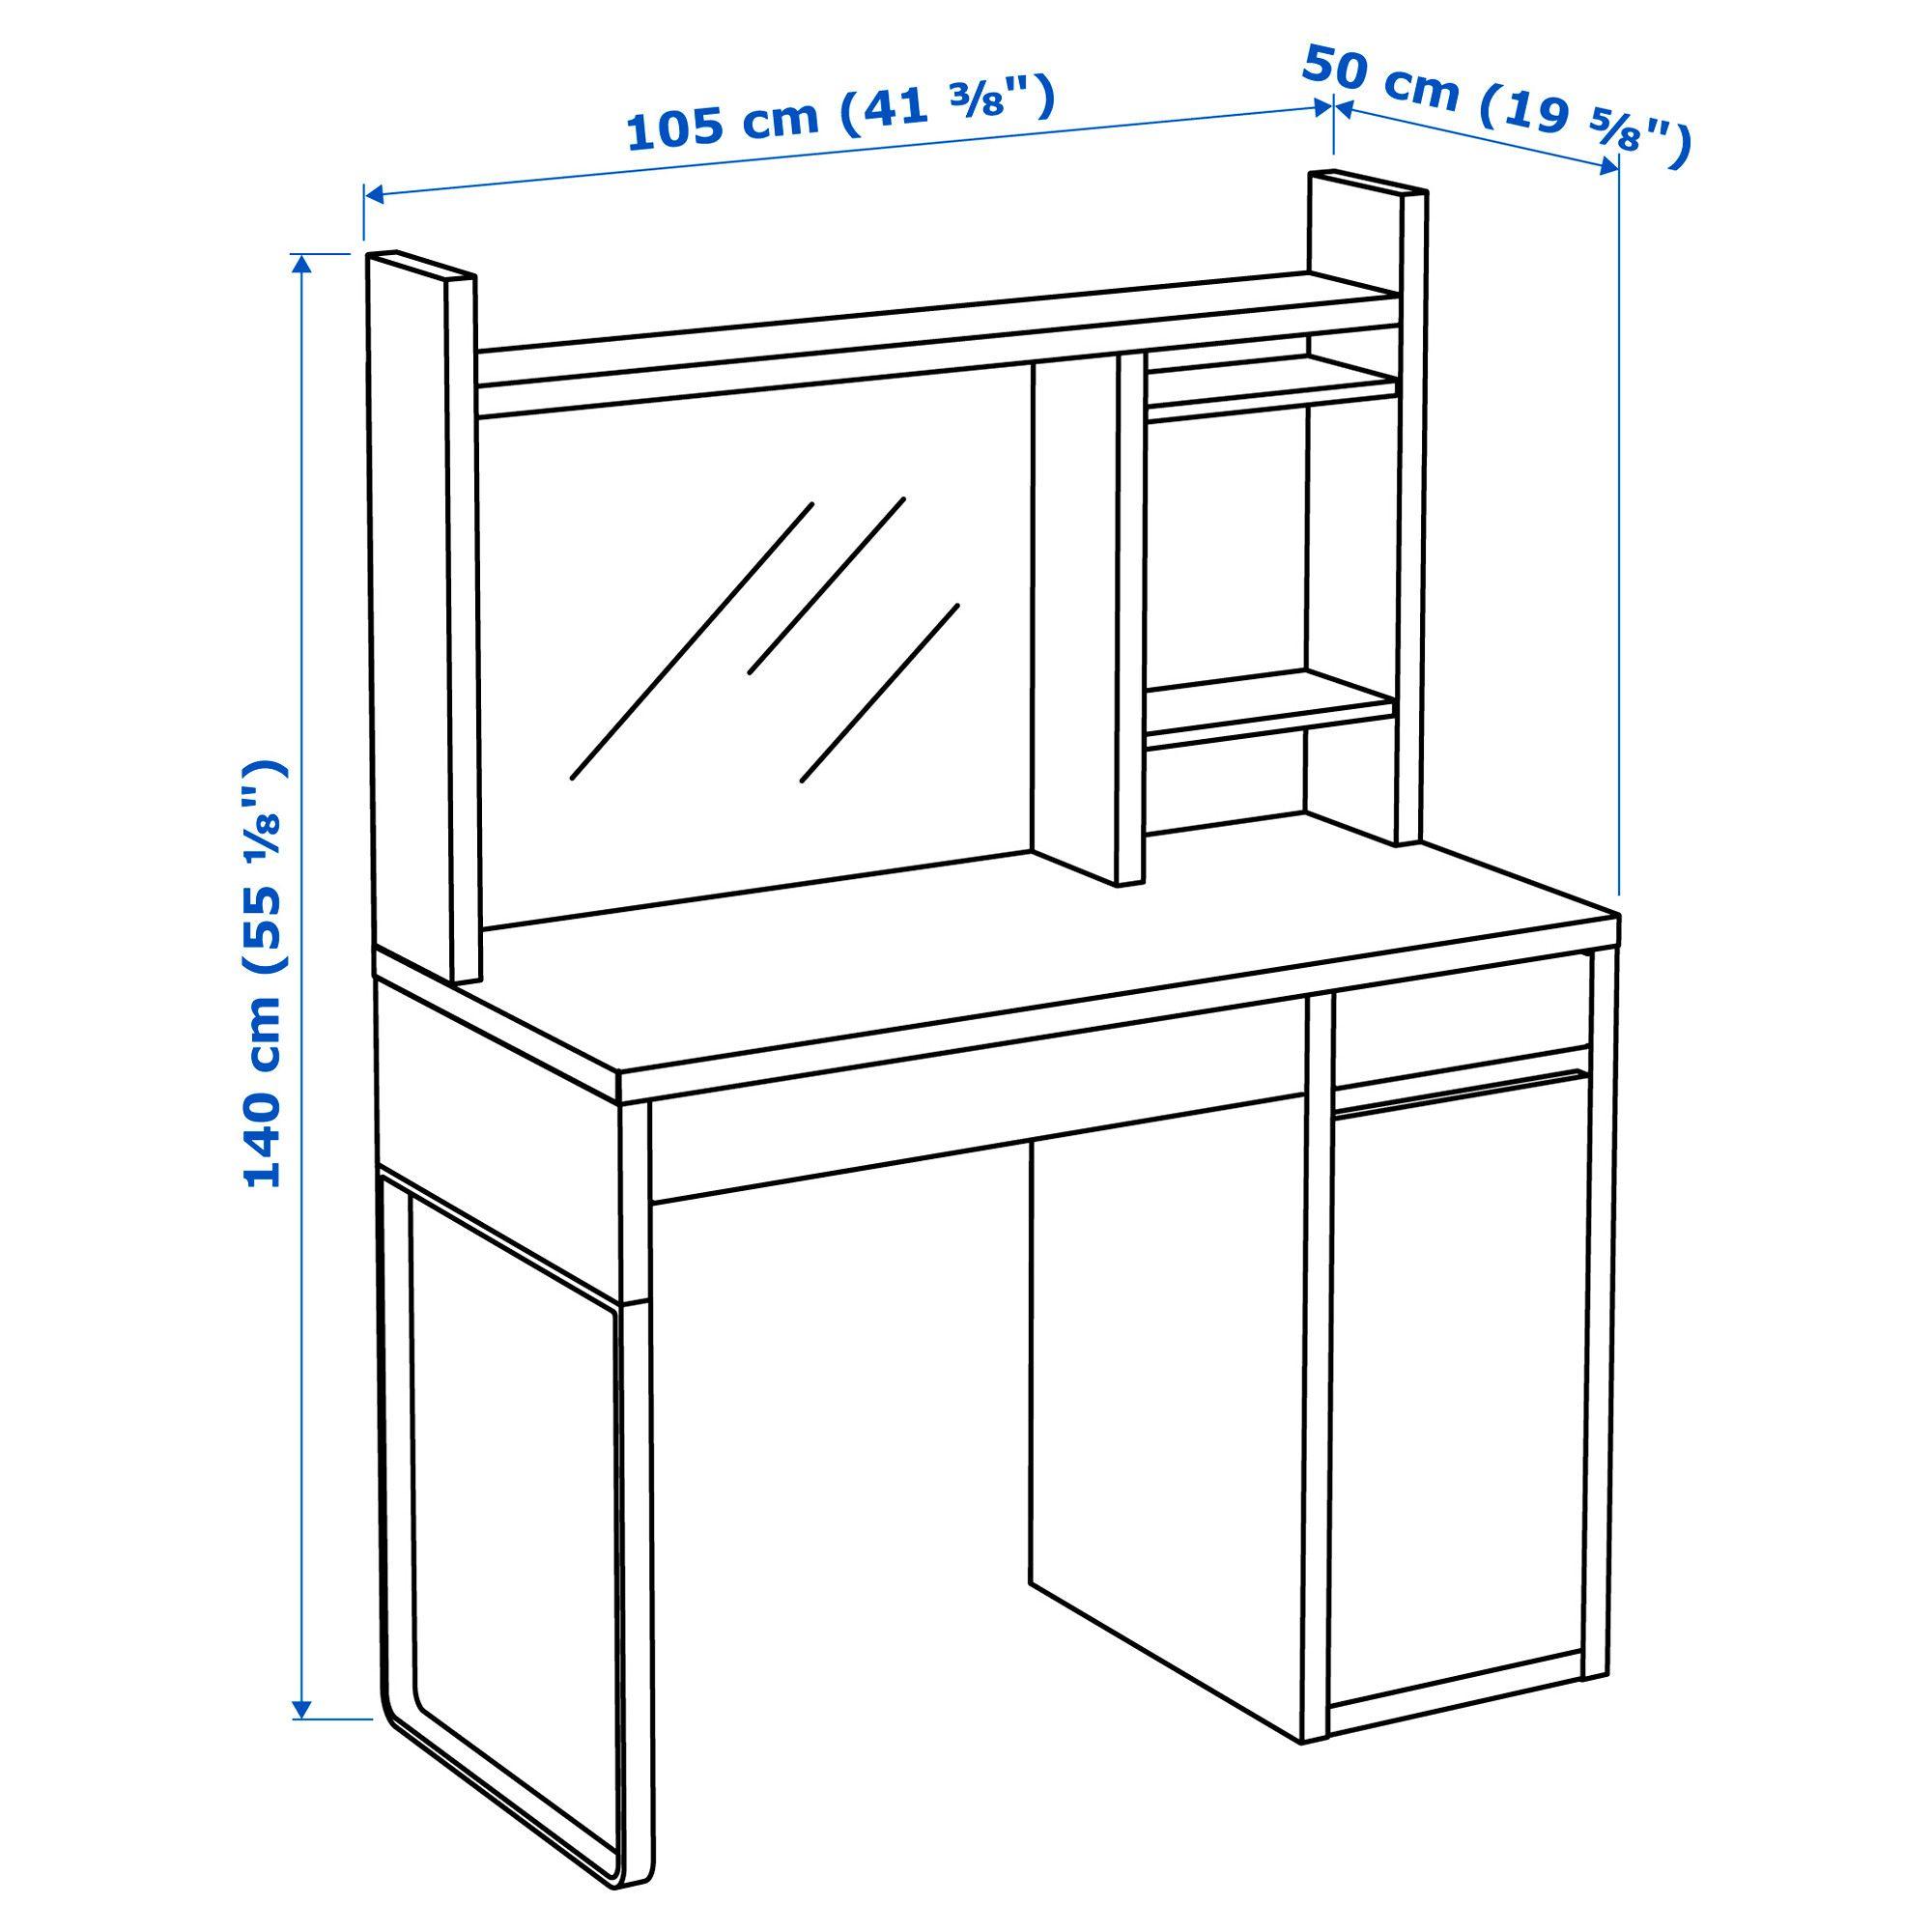 Concesión algas marinas caldera  MICKE Escritorio, blanco, 105x50 cm - IKEA | Micke desk, Ikea micke, Ikea  micke desk